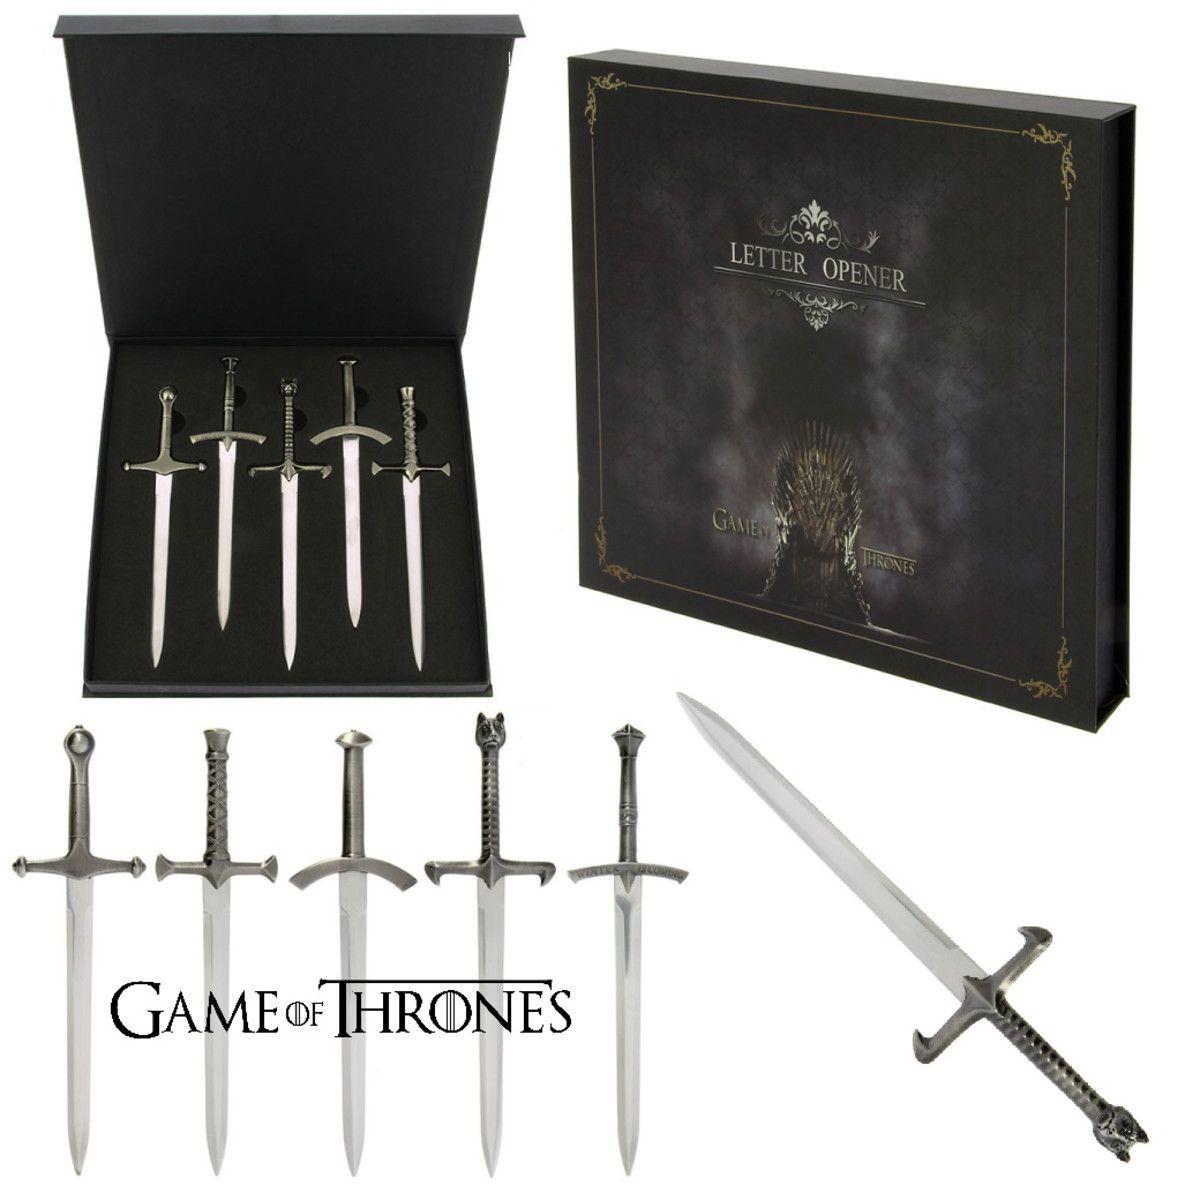 Kit Abridor De Cartas: Espadas Game Of Thrones (5 Mini Espadas/Adagas)